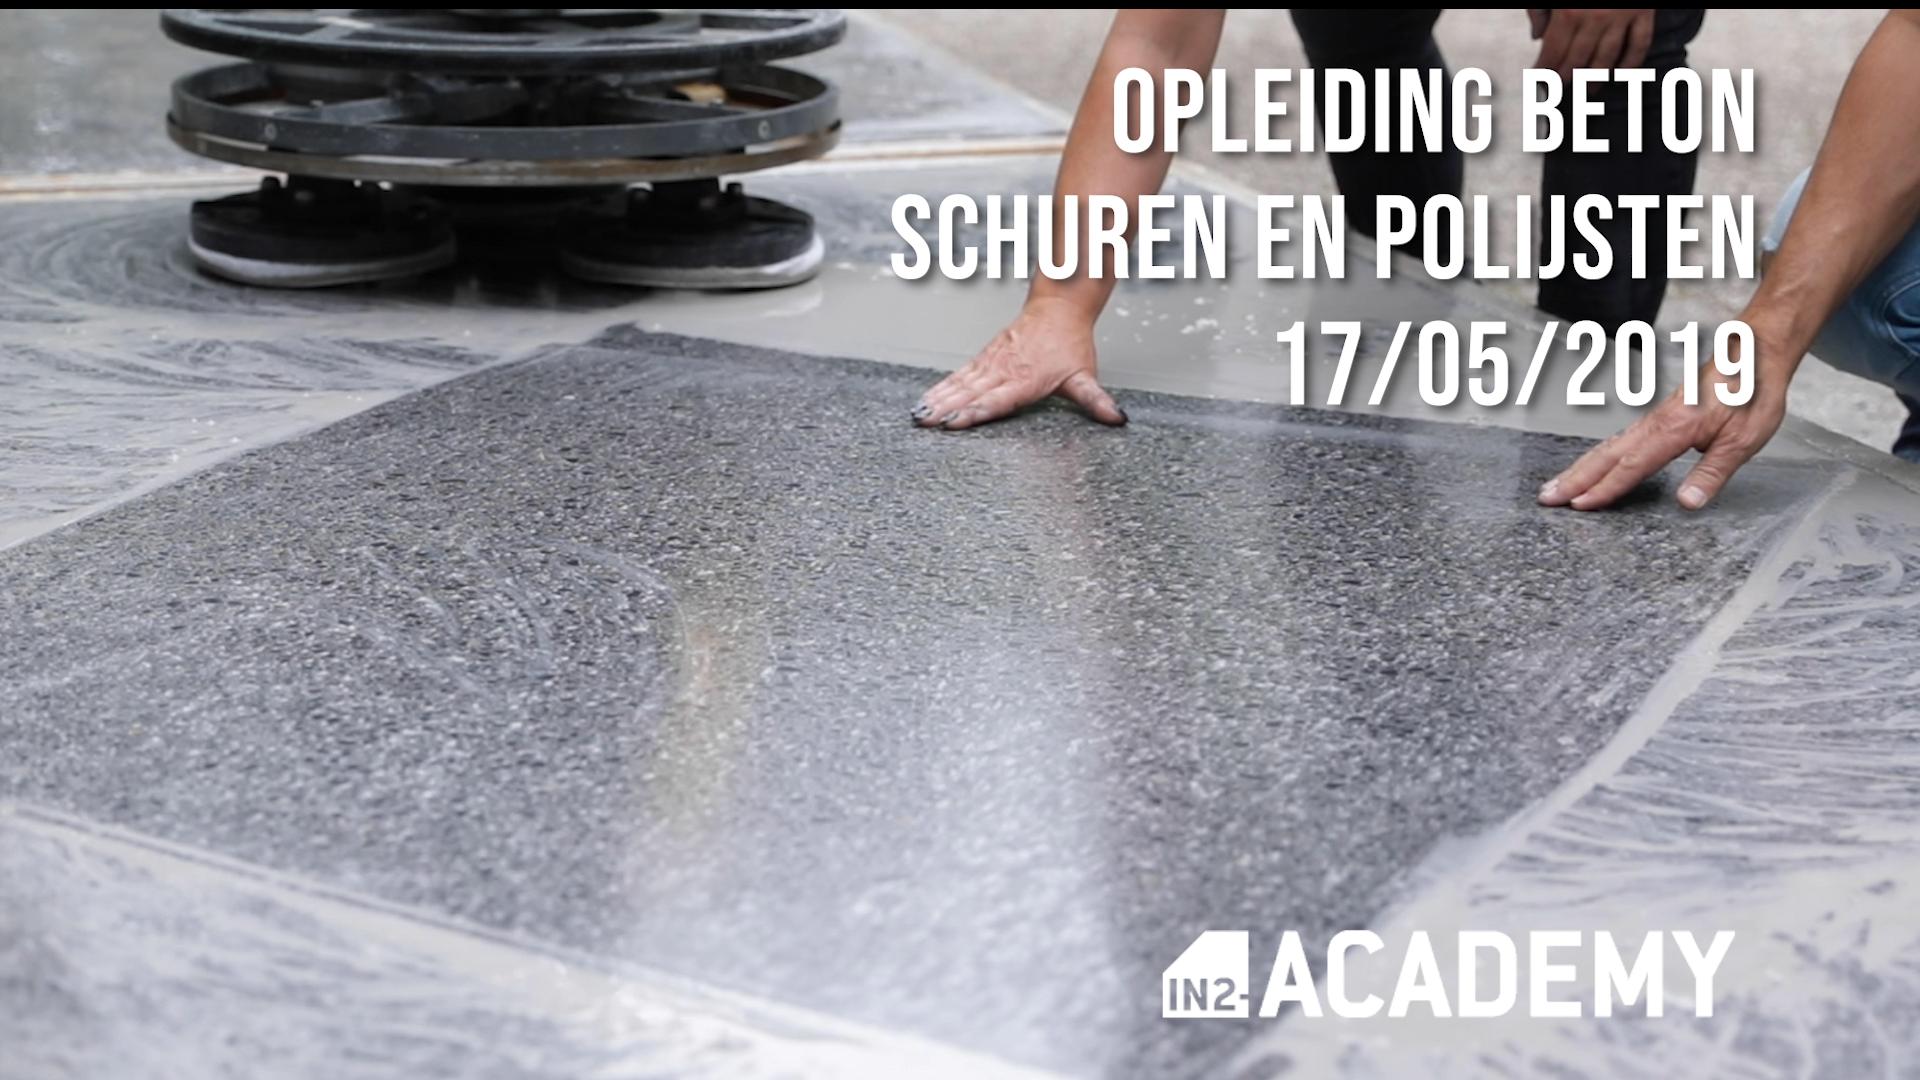 Nieuwe data opleiding beton schuren en polijsten